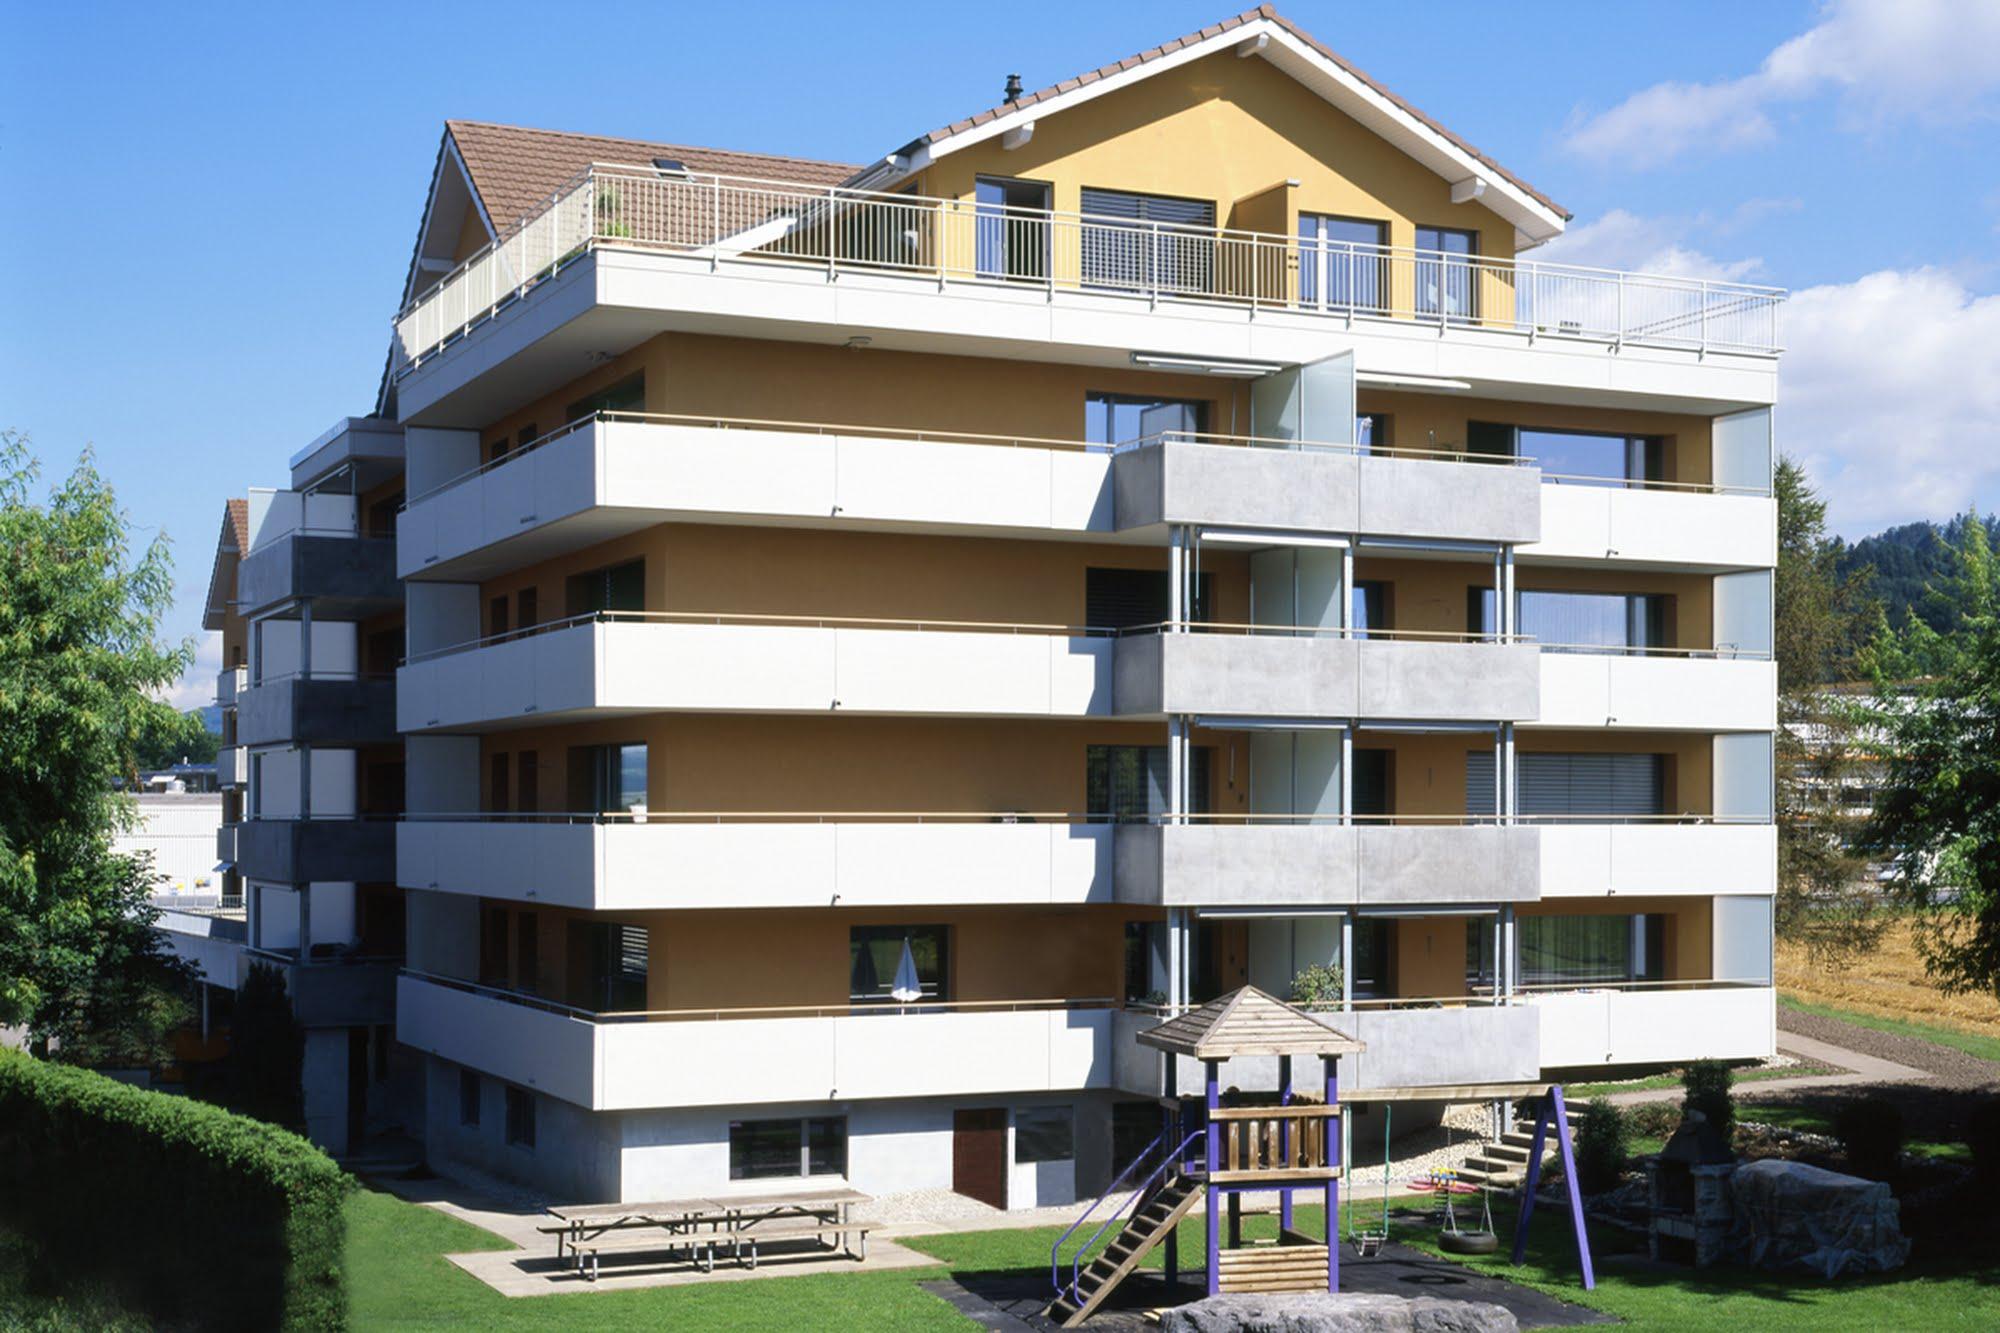 Wohnen MFH Sanierung von drei MFH in Schenkon Architektur,Wohnungsbau,Wohnhäuser,Einfamilienhäuser,Mehrfamilienhäuser